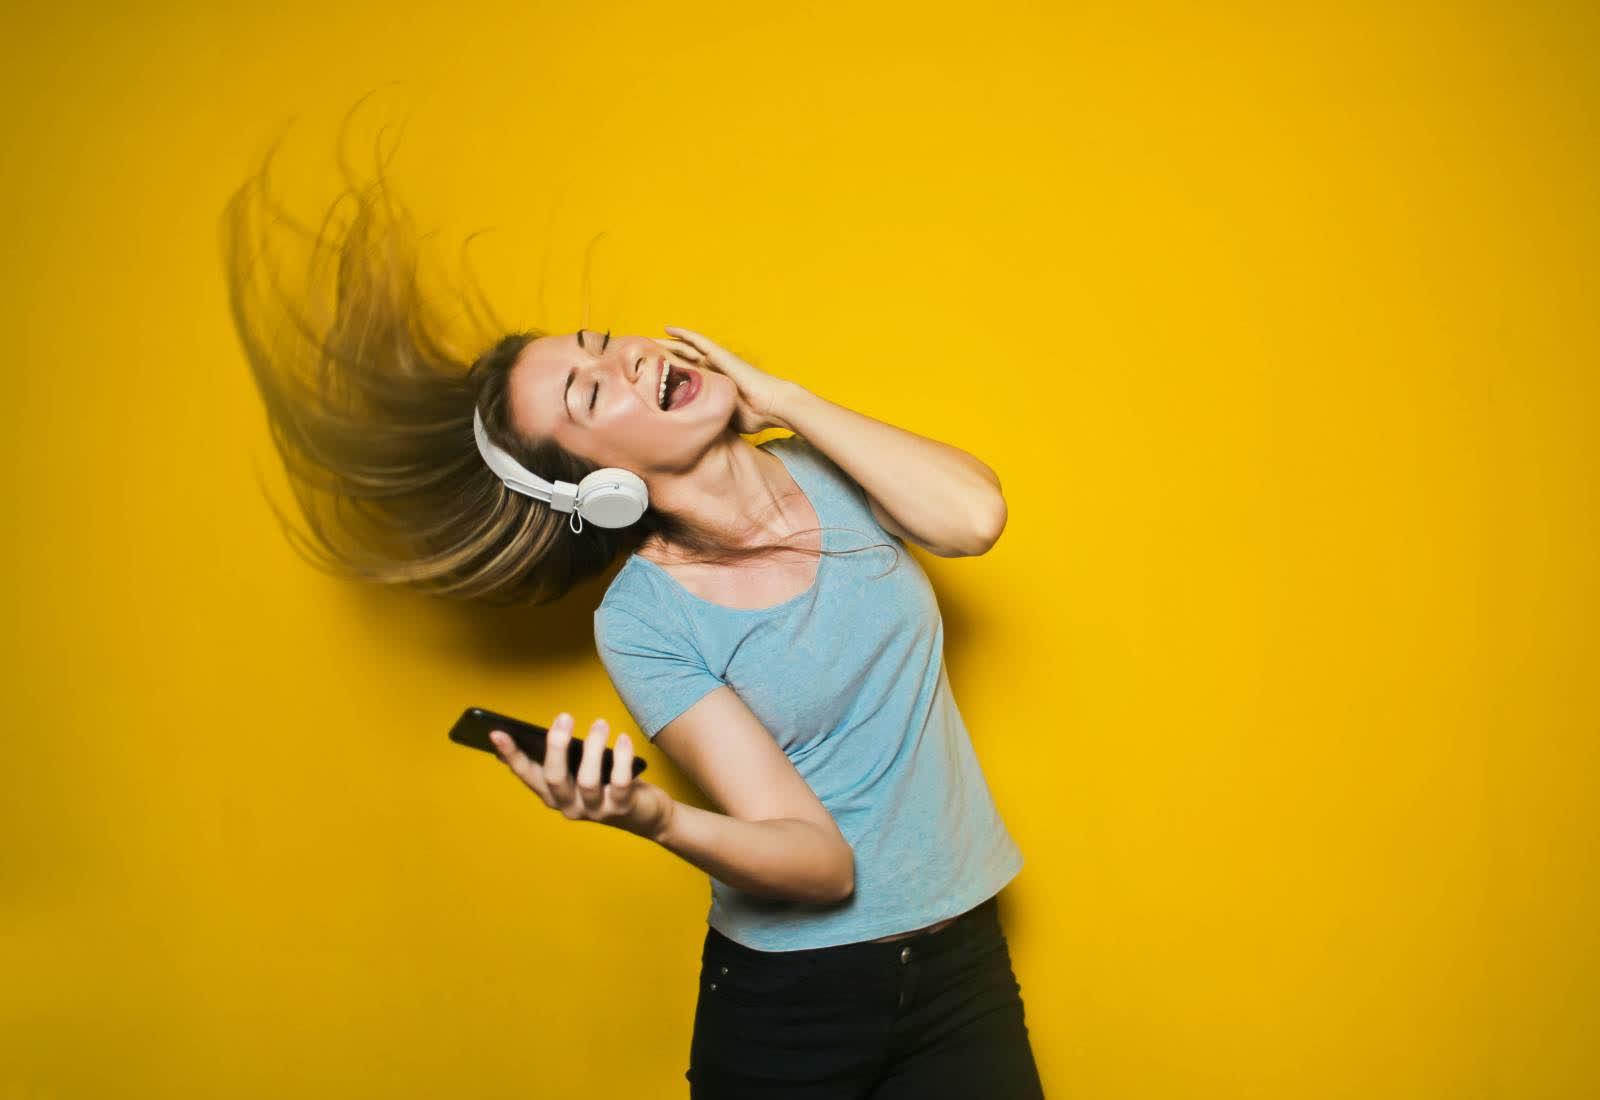 Immagine Le migliori app (oltre a Spotify) per ascoltare musica 1